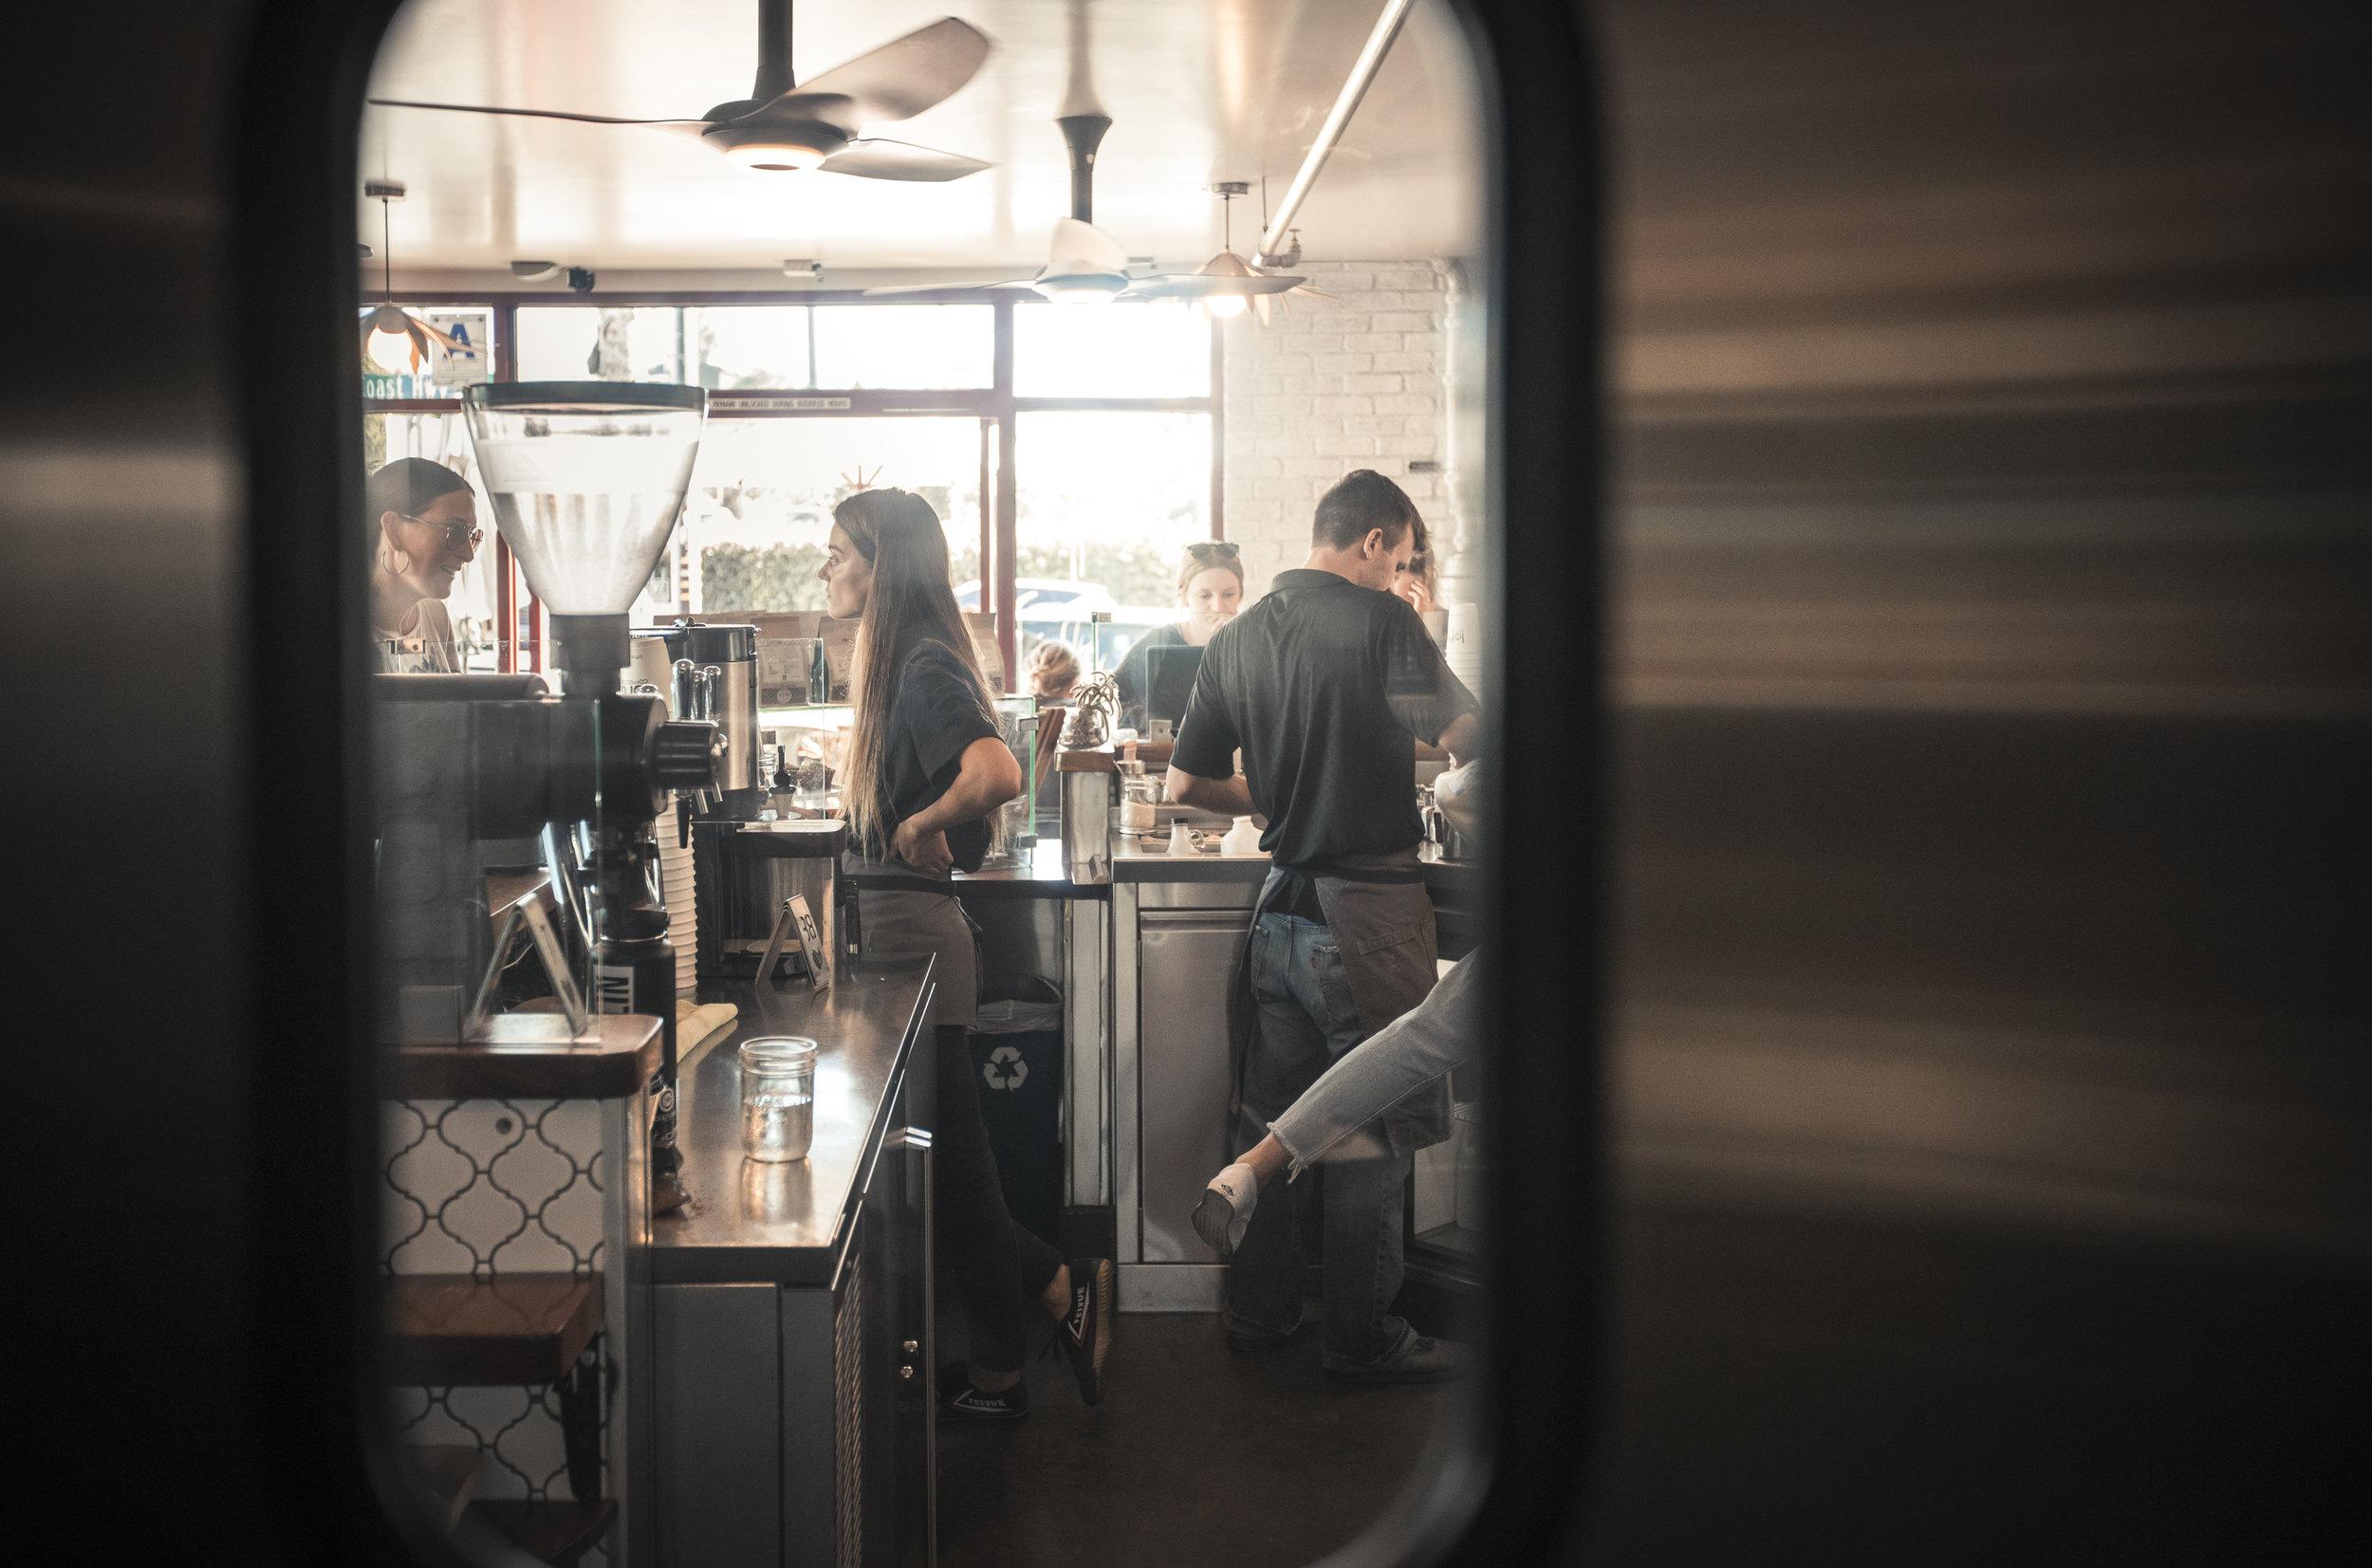 Coffee-shop-rush-scheffer